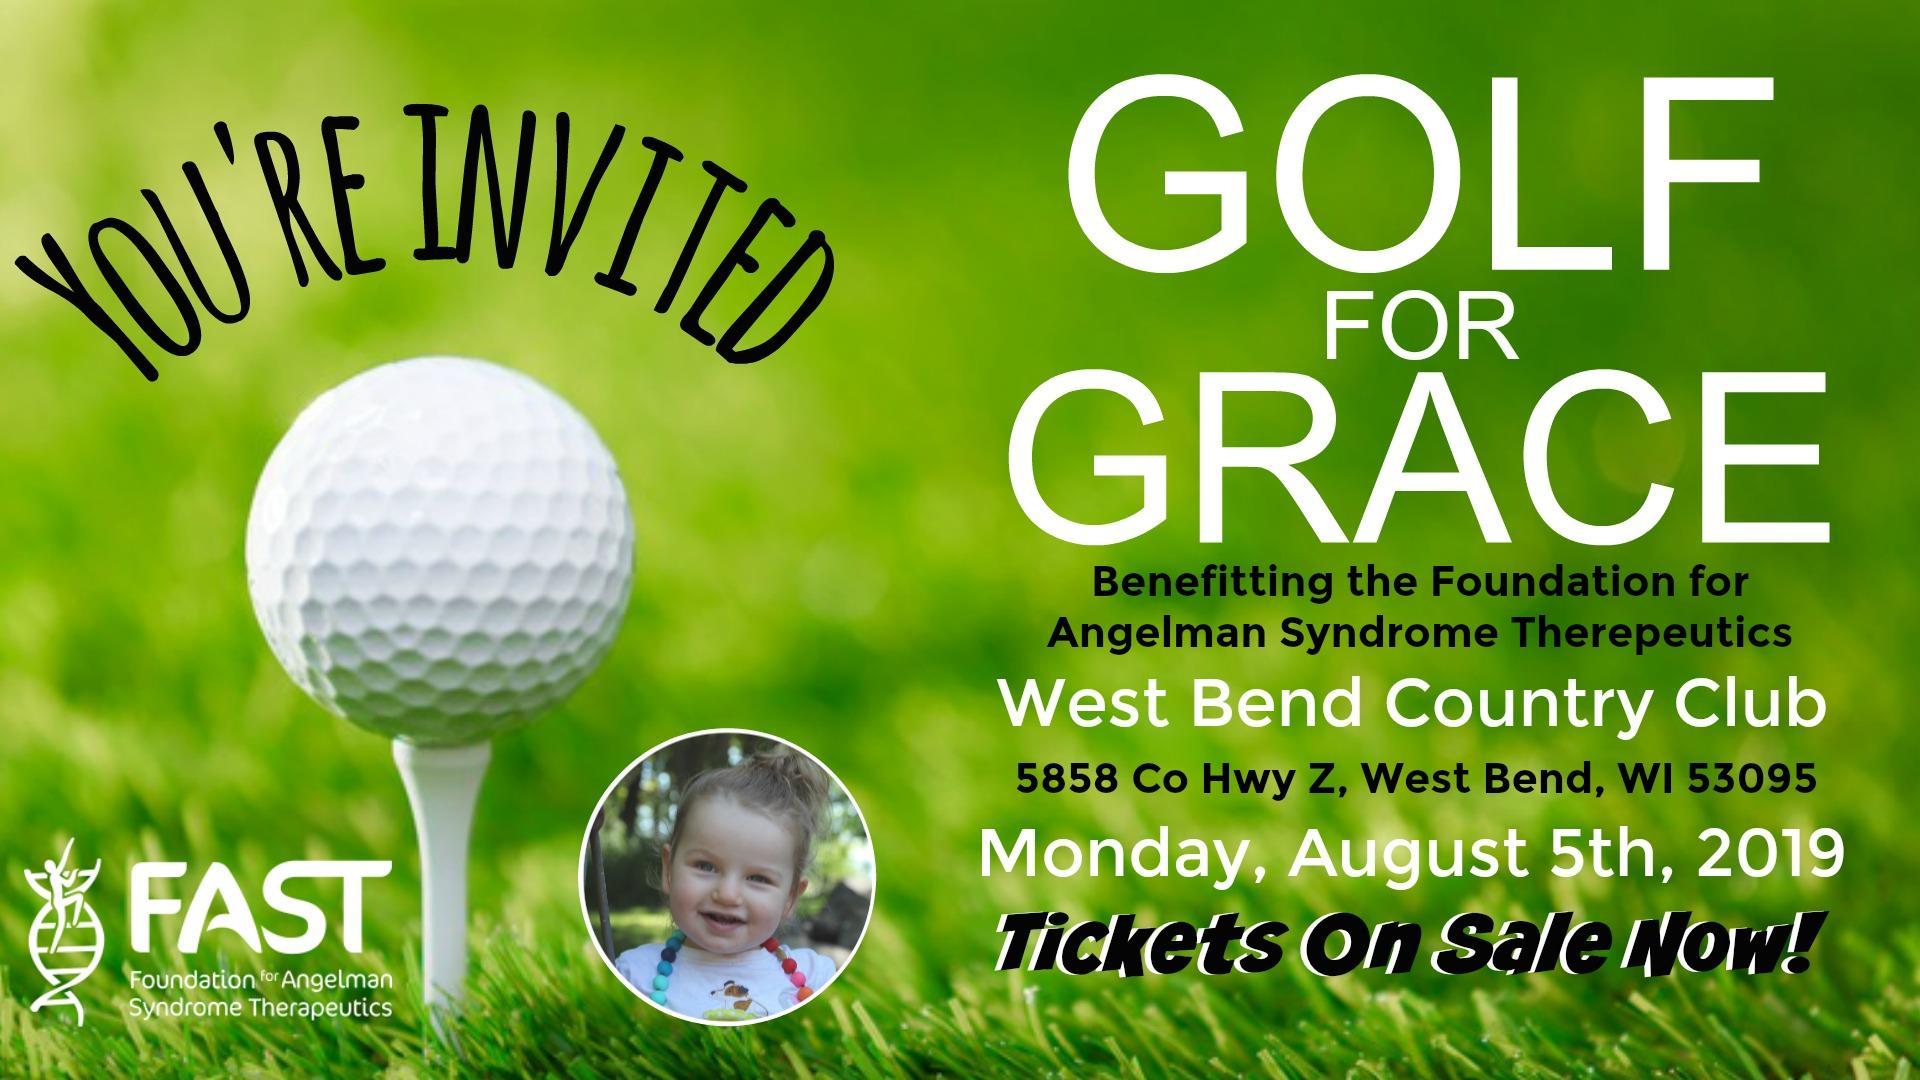 Golf for Grace